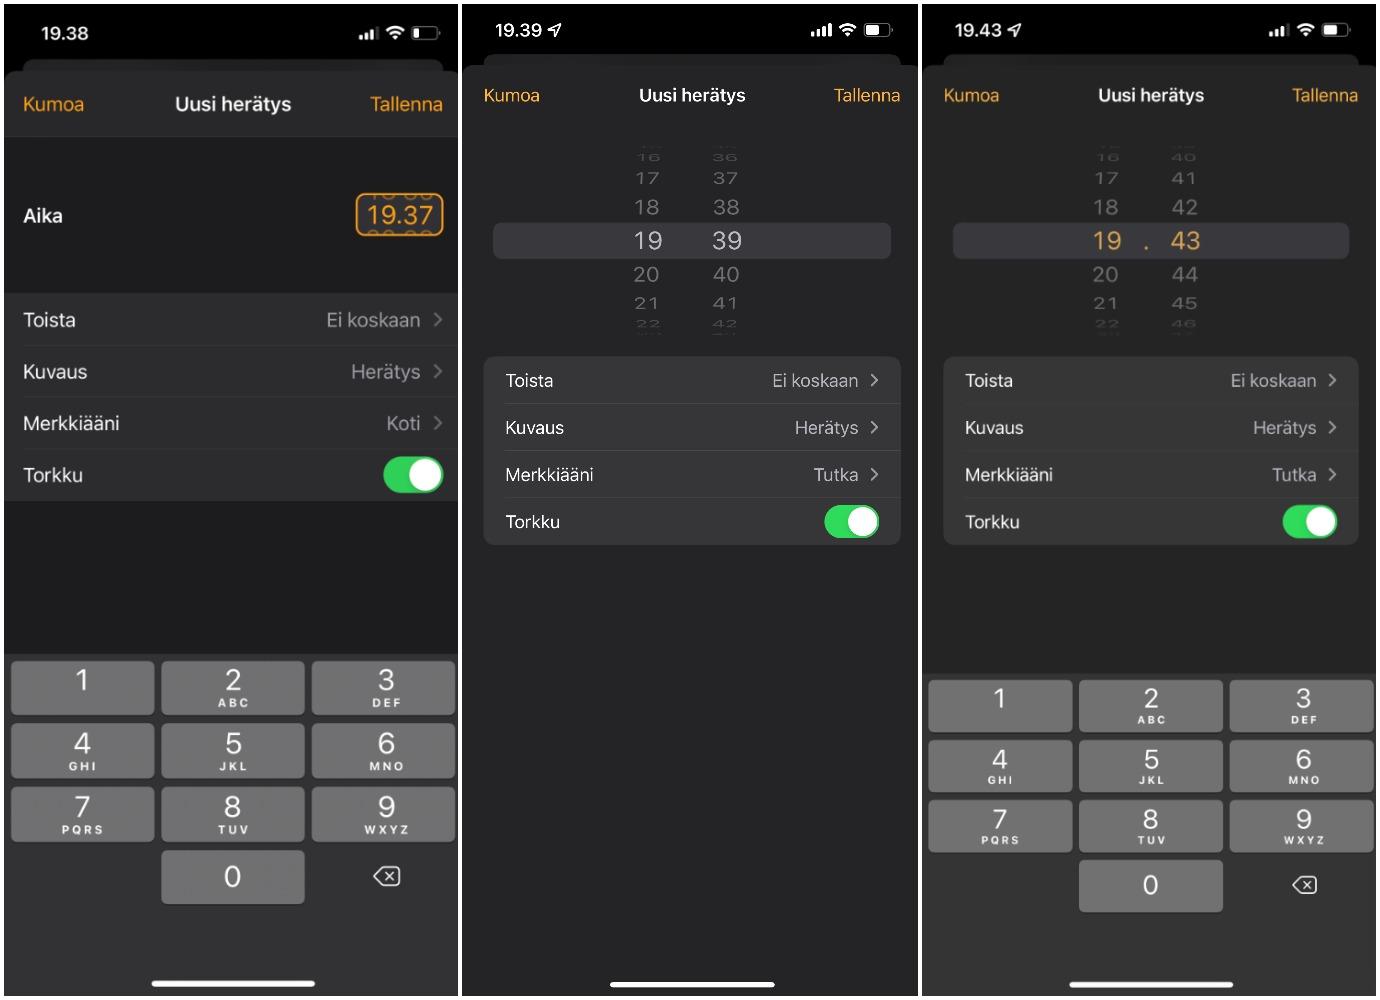 Vasemmalla iOS 14, keskellä iOS 15, ja oikealla iOS 15 sen jälkeen, kun valitsinta on painettu.